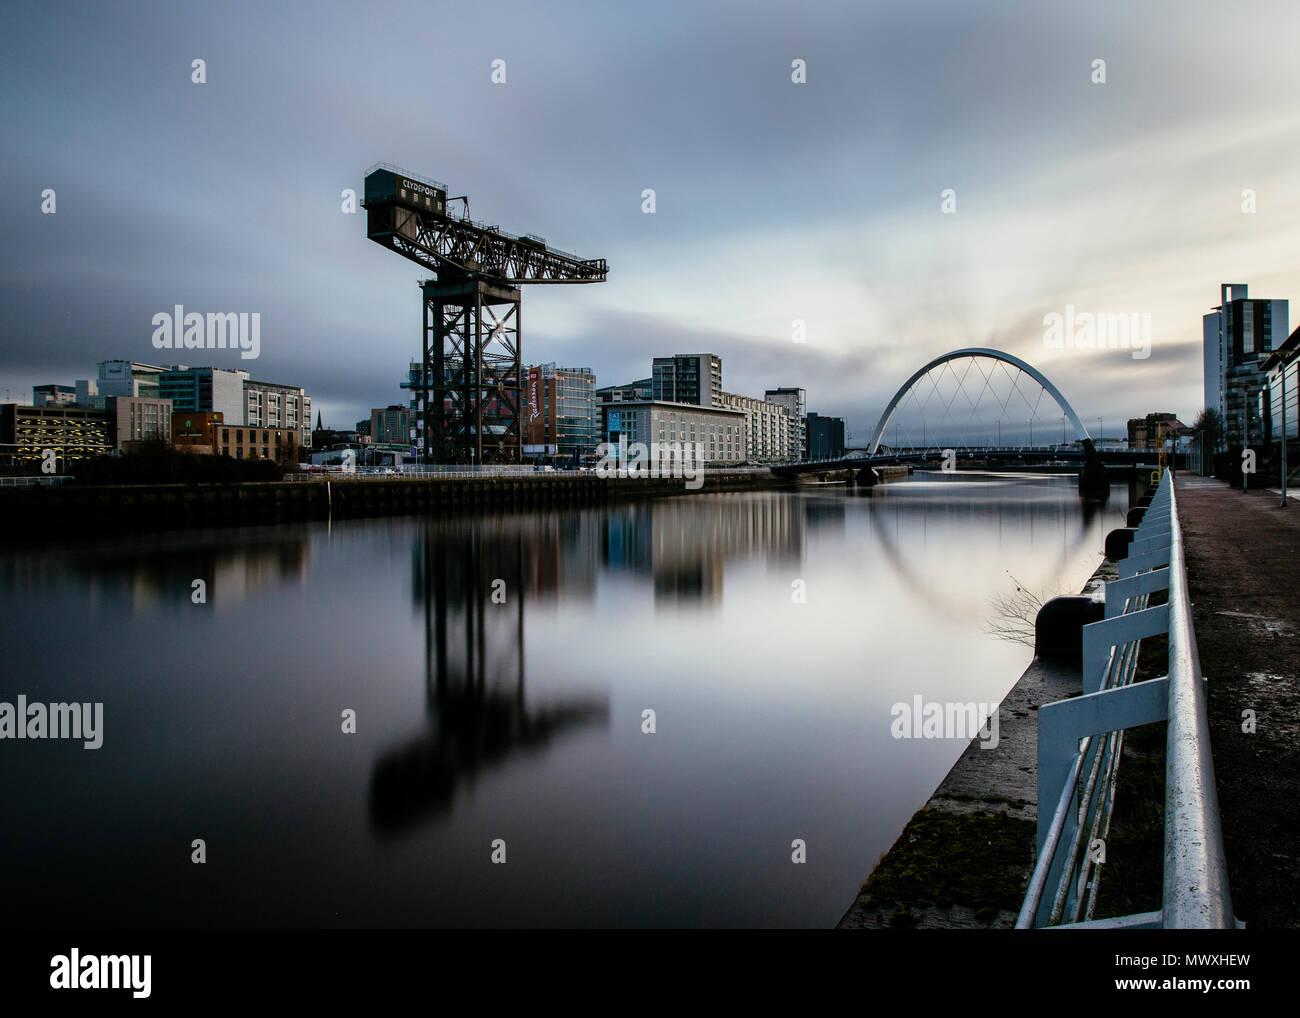 L'Arc, Rivière Clyde Clyde, Glasgow, Écosse, Royaume-Uni, Europe Banque D'Images